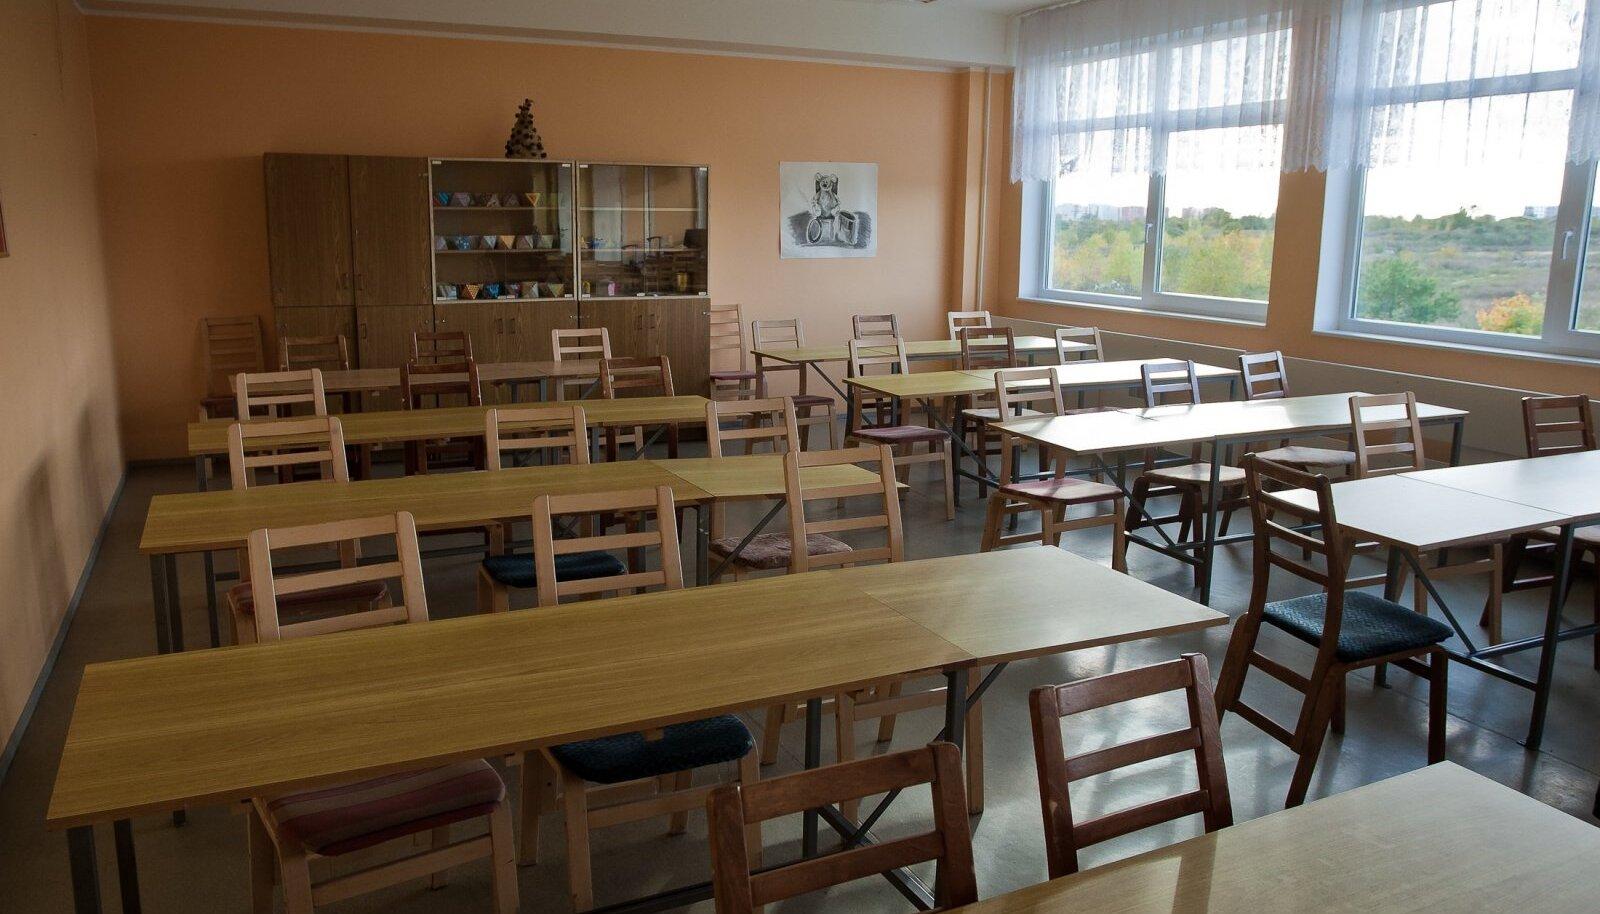 Esmaspäevast jäävad klassiruumid üle Eesti tühjaks.